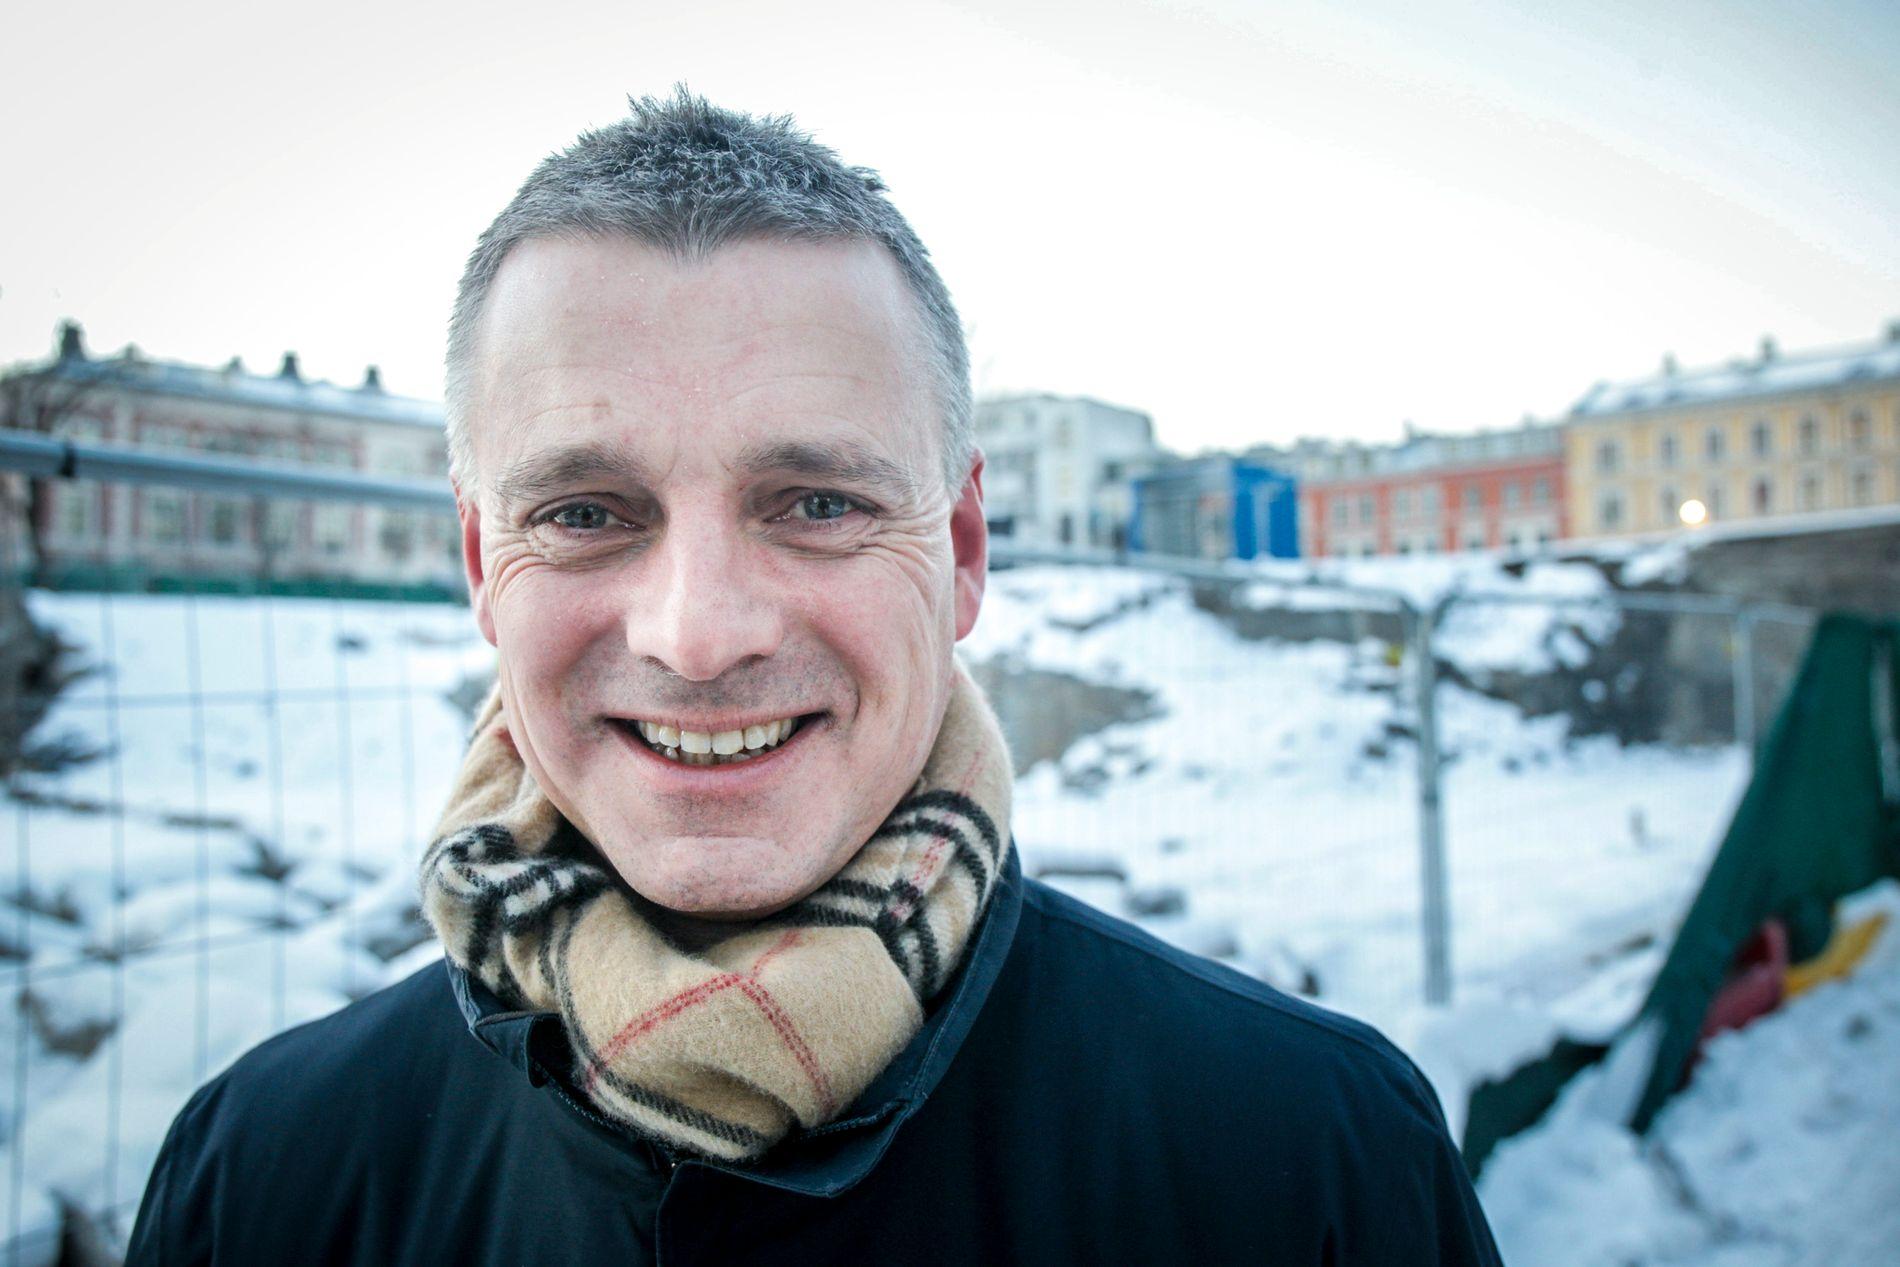 TENKER STORT: Kjetil Lund (Ap) er næringsbyråd i Oslo kommune. Han blir ny toppsjef i NVE fra 1. april, men vil jobbe intenst med å omstrukturere kommunens foretak i sine siste tre måneder som byråd. I bakgrunnen: Tomten som skal bli byggeklar for nye Ruseløkka skole.